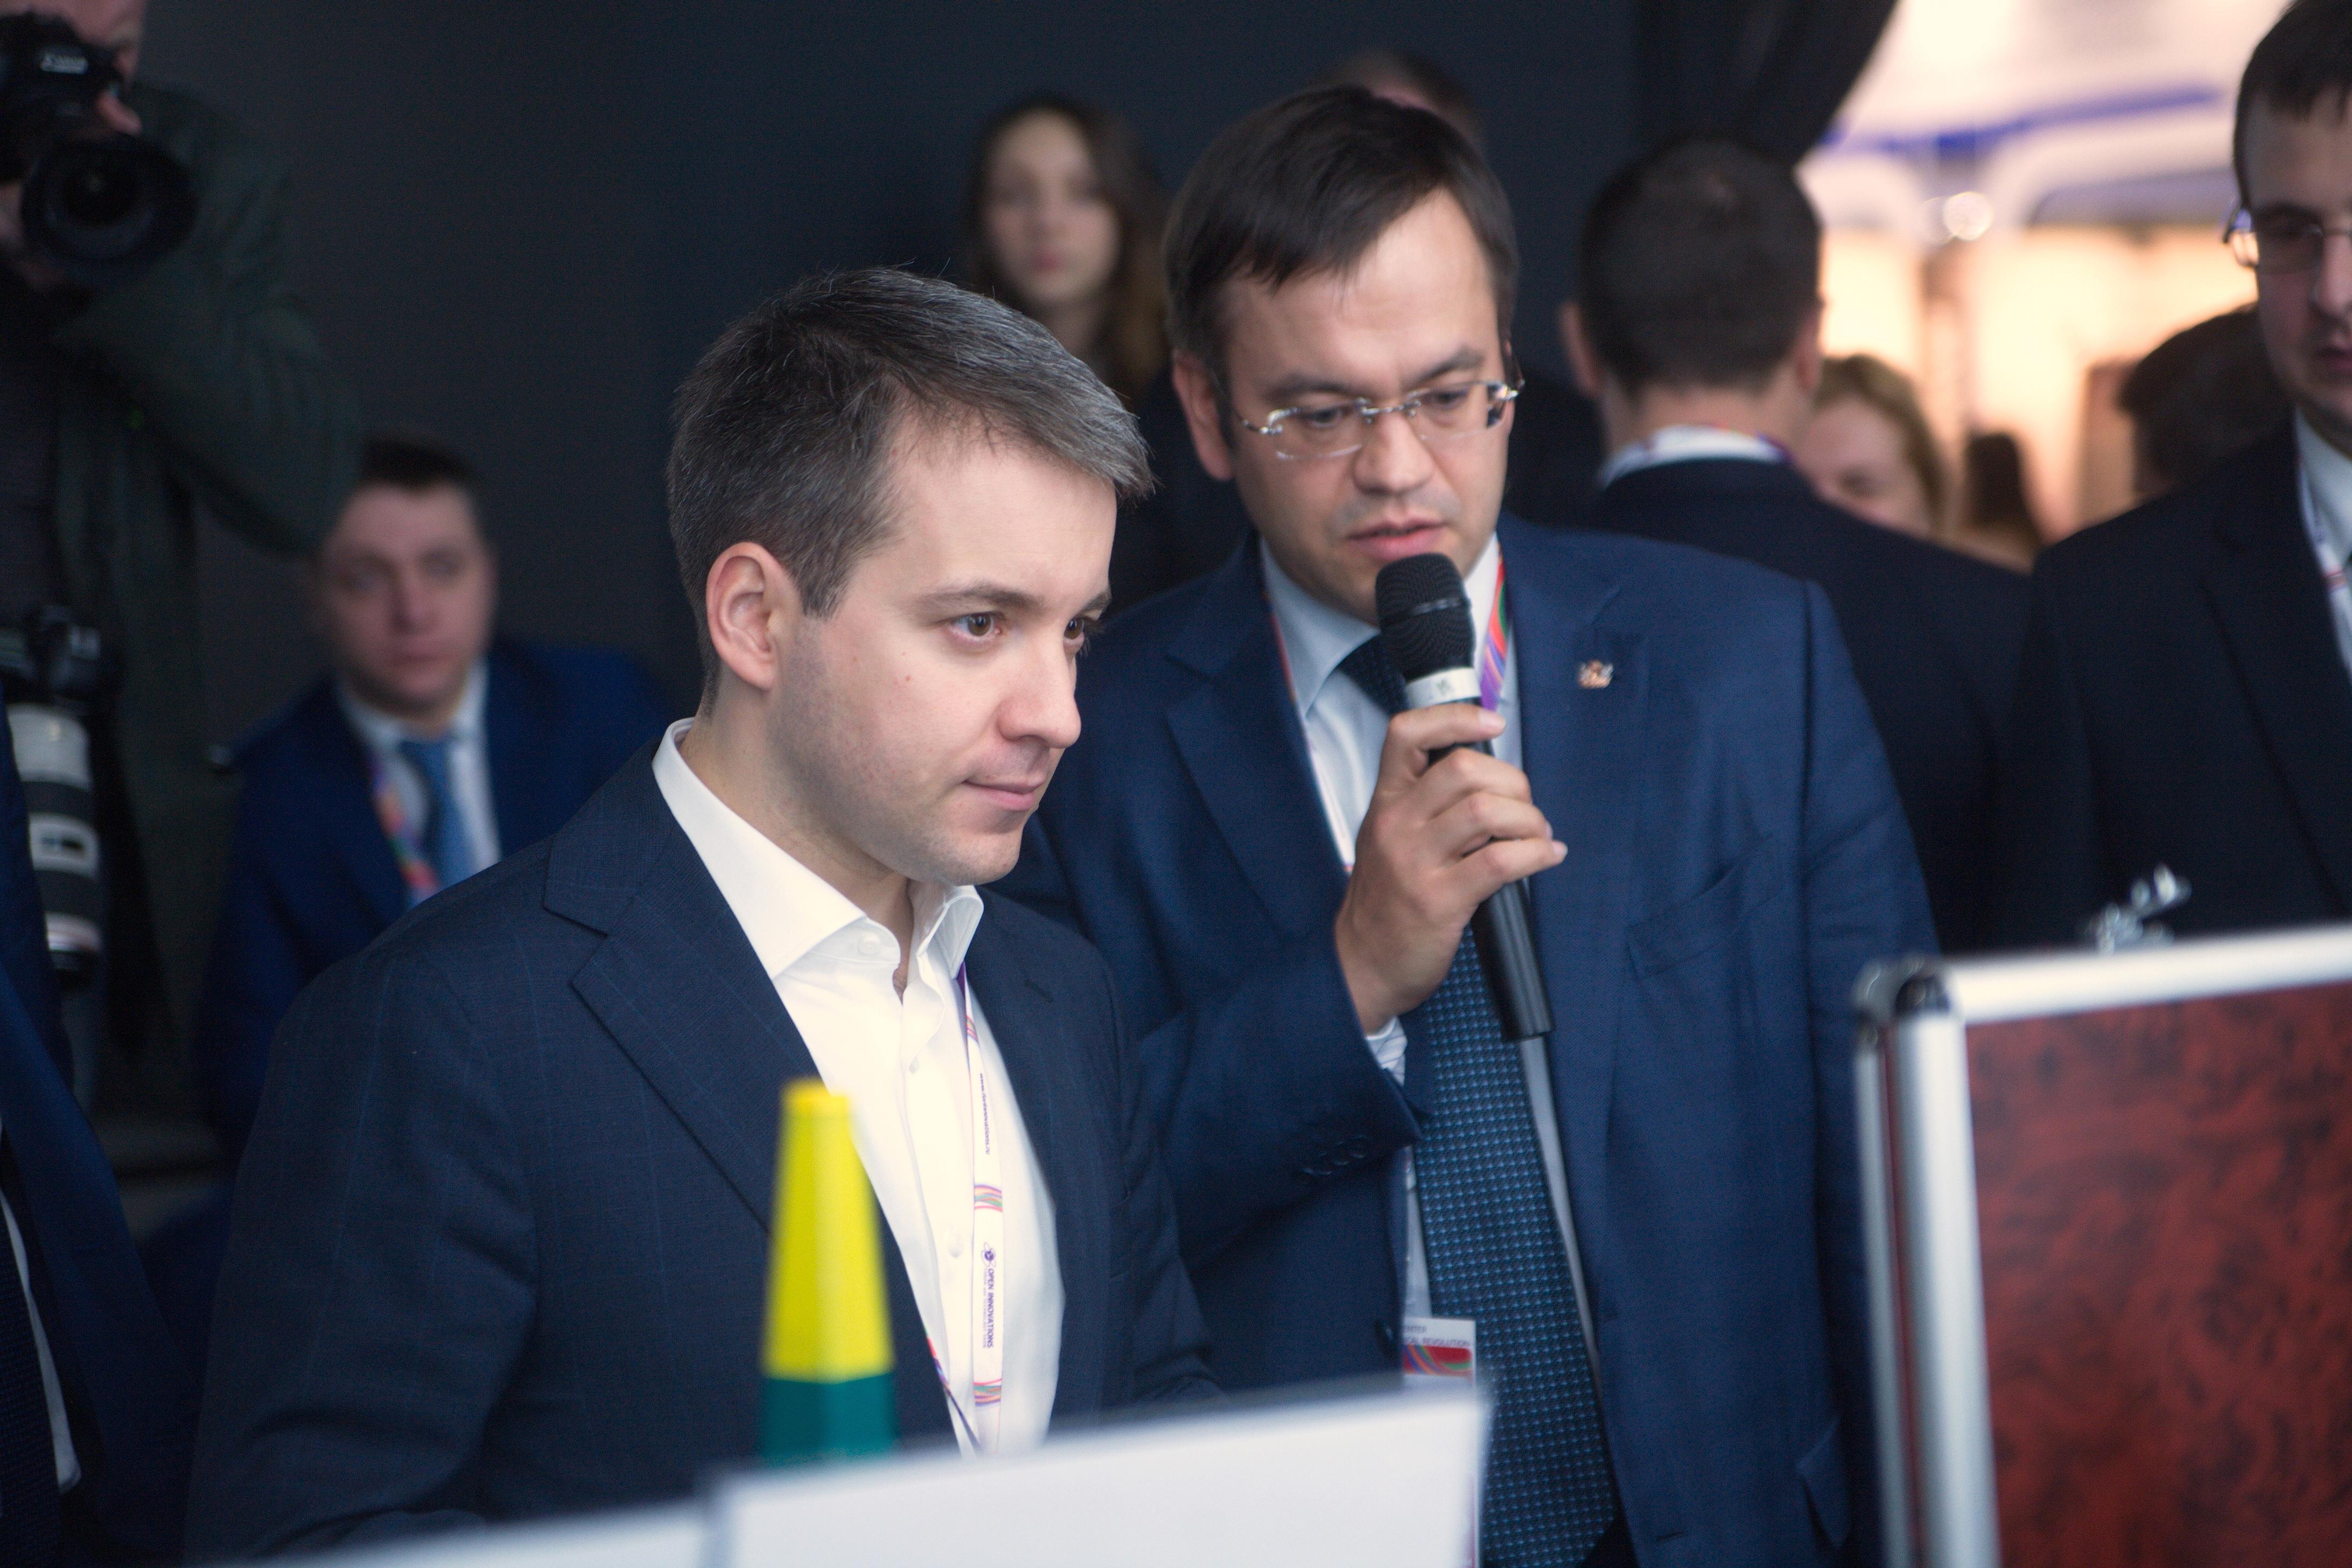 Форум «Открытые инновации - 2015» стартовал в Москве